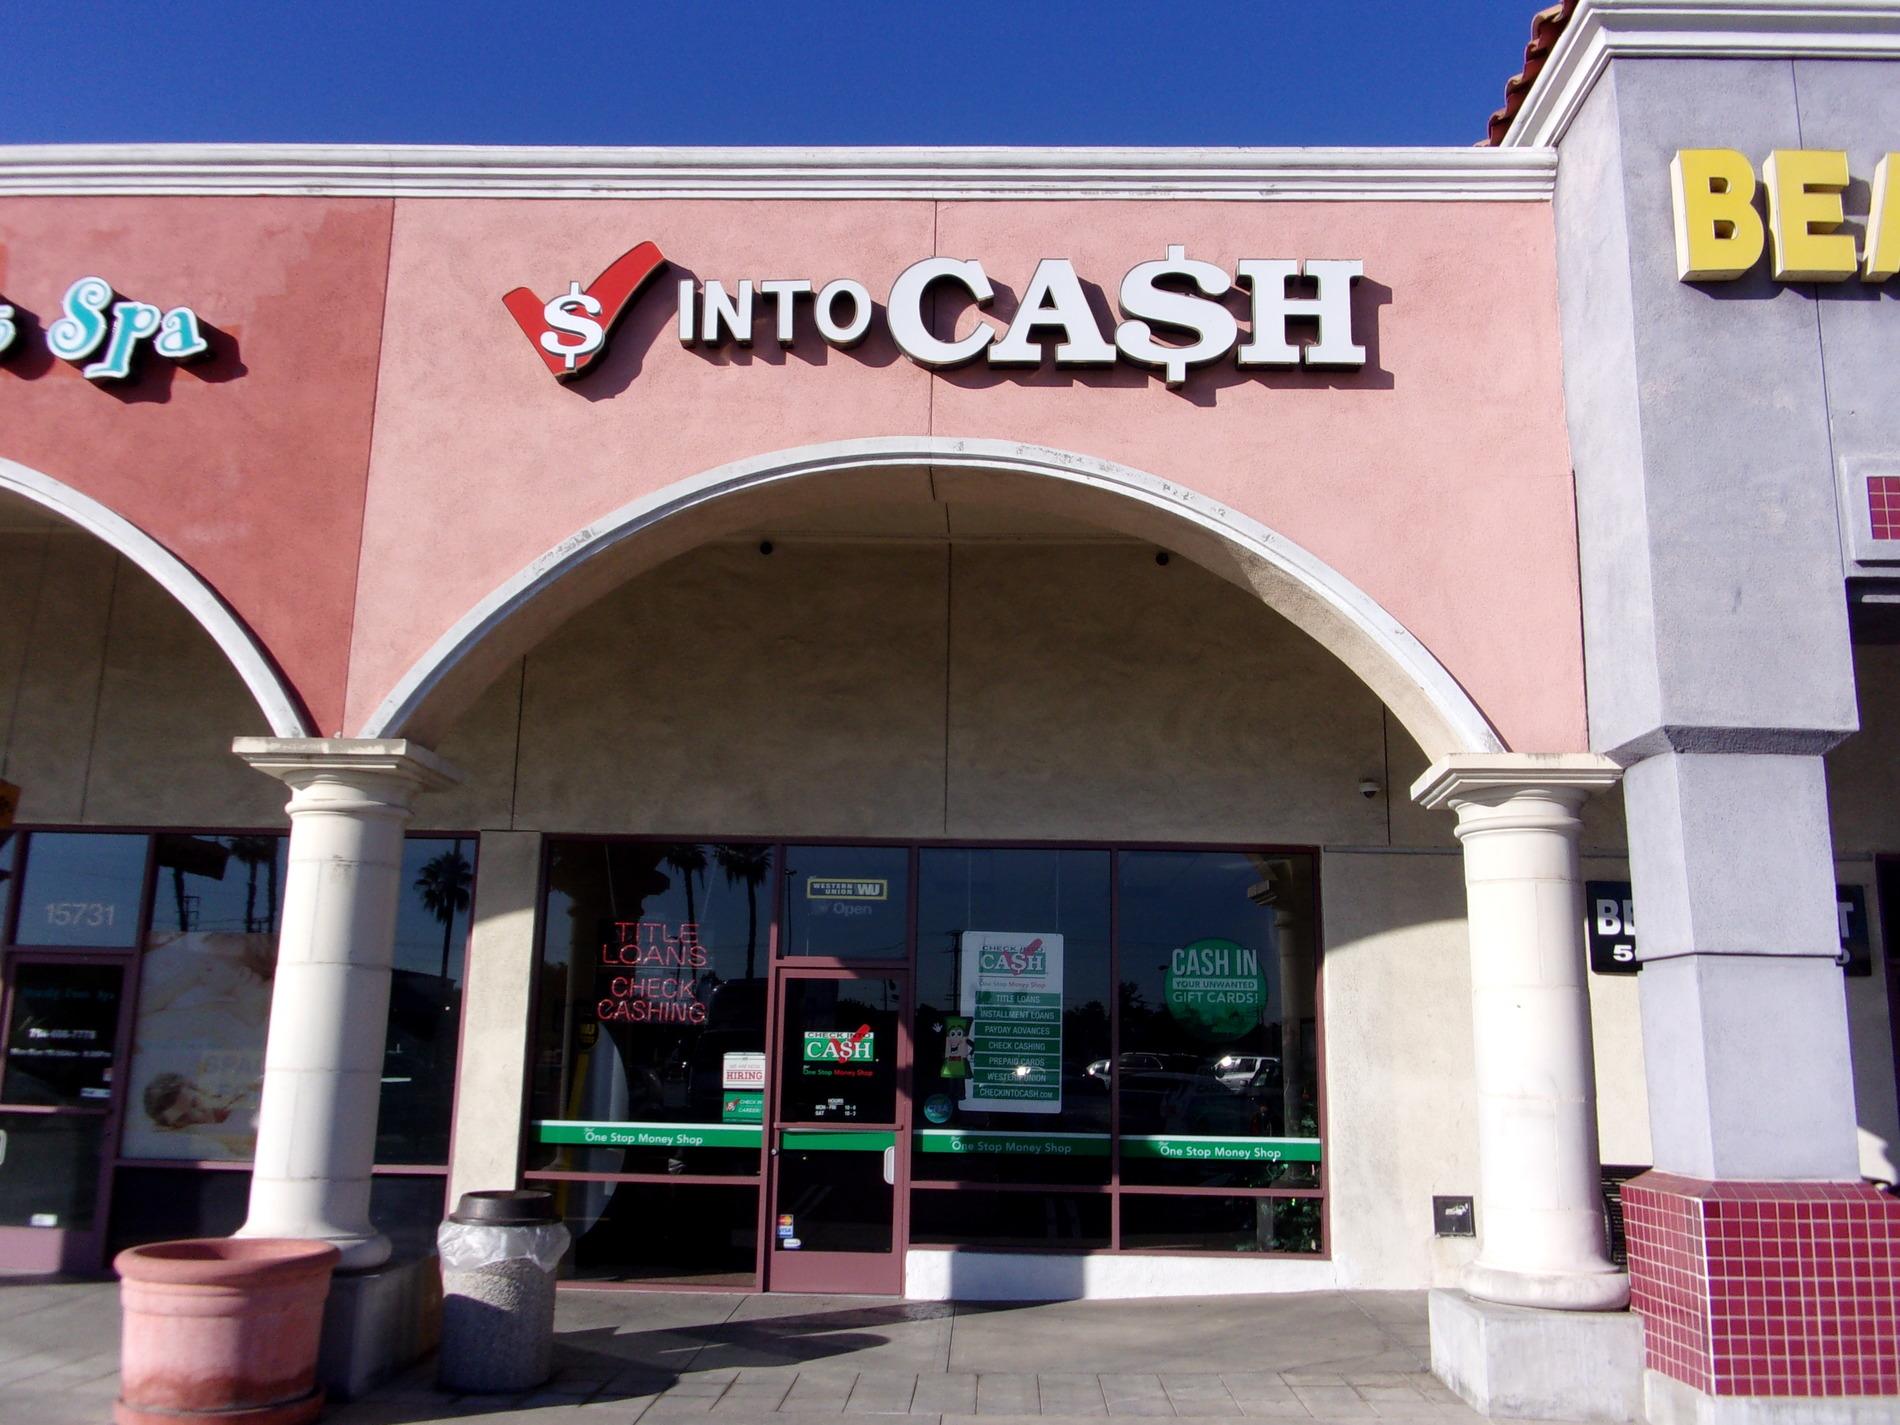 Cash converters loans against goods image 6